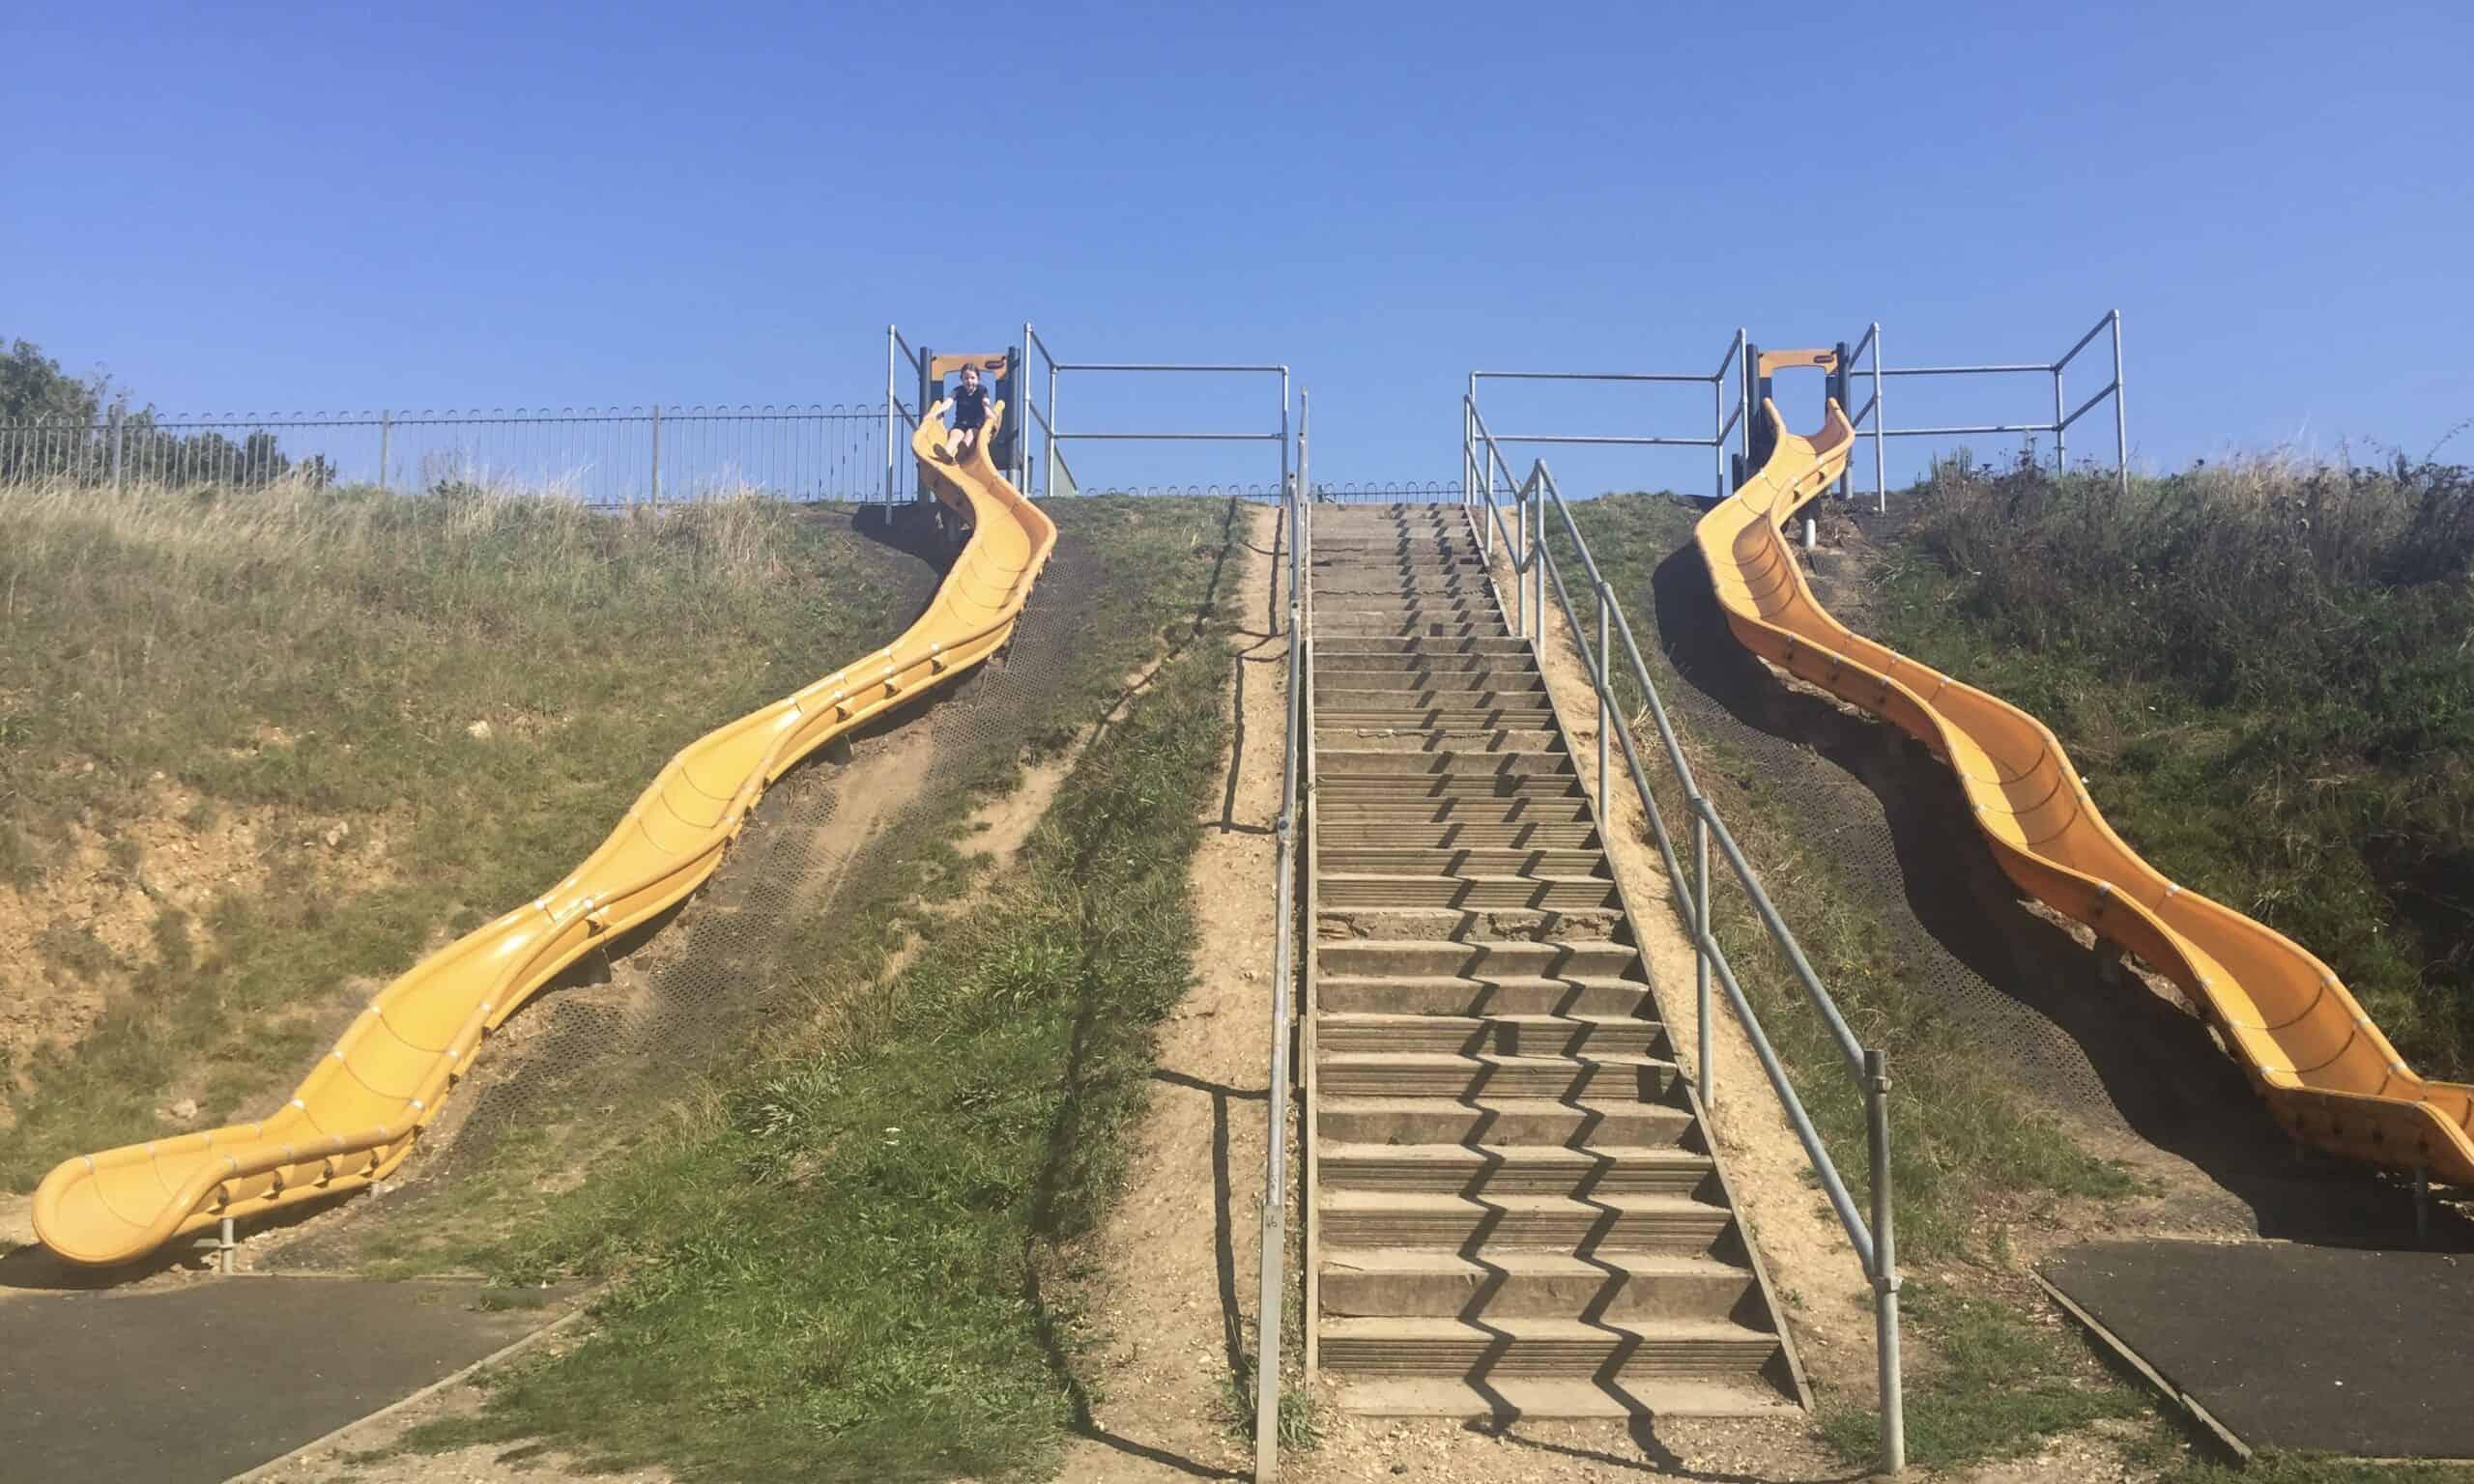 The giant slides at chelmer park